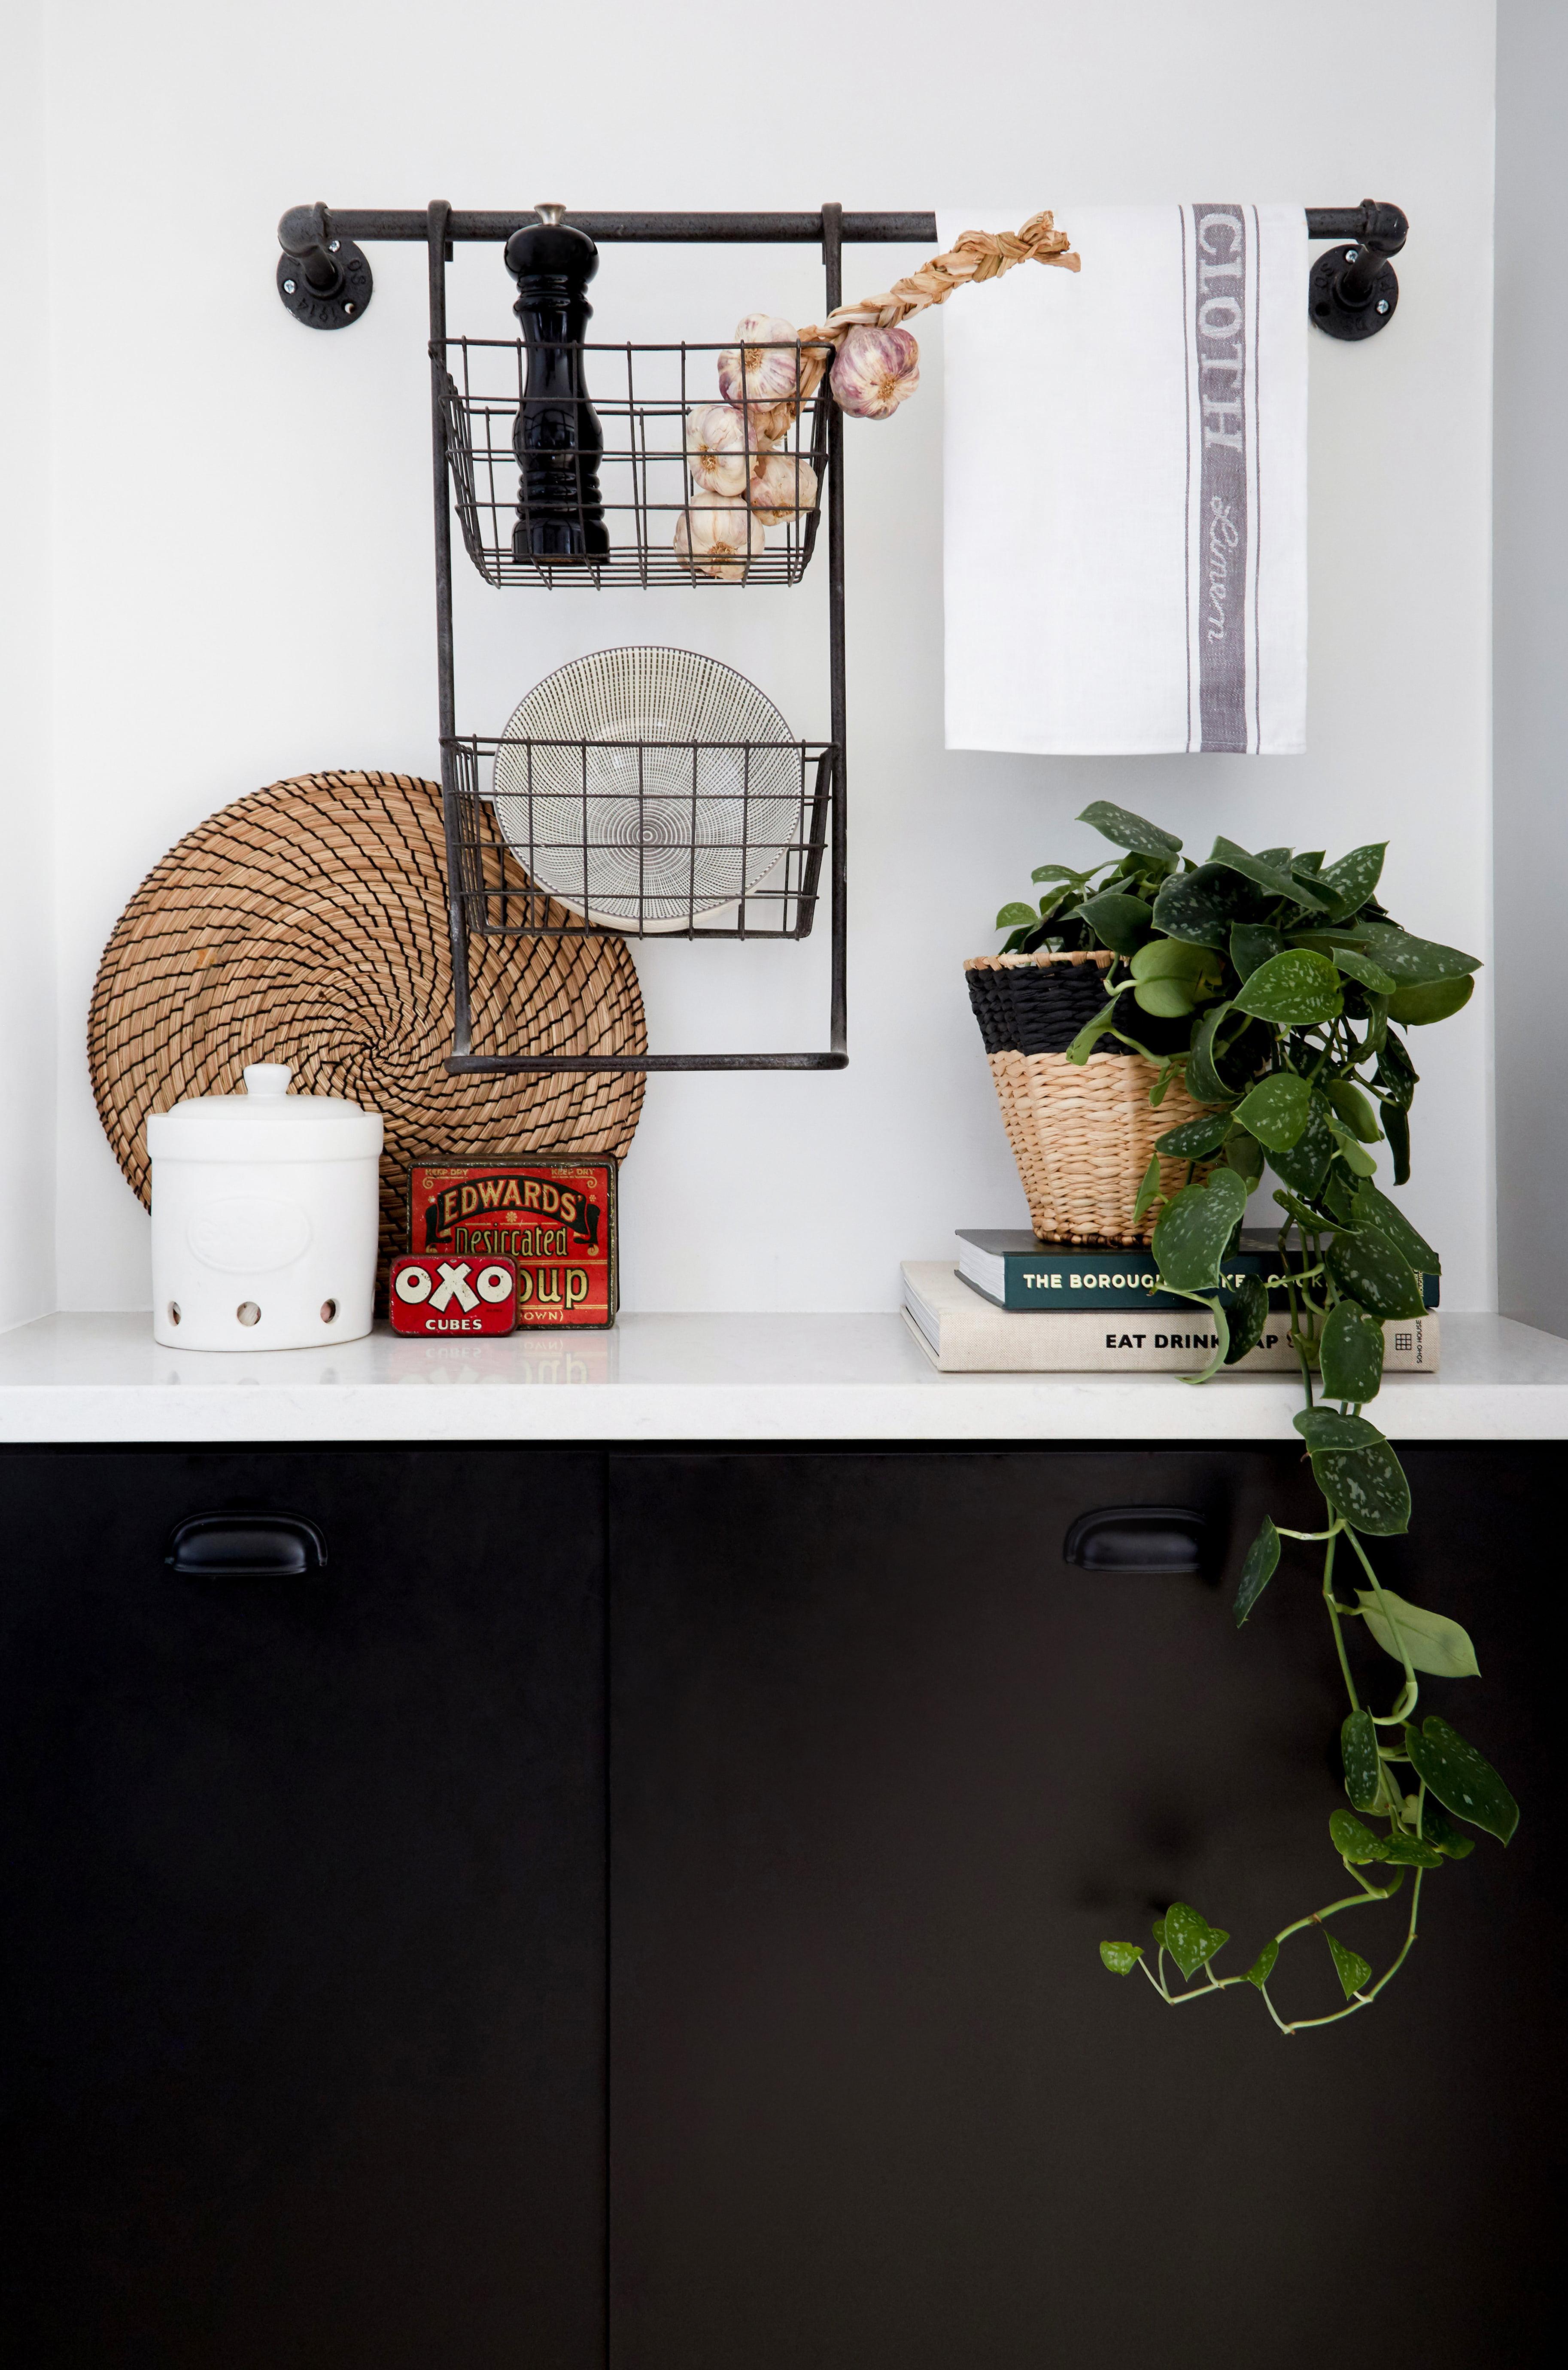 monochrome Ikea kitchen shelving